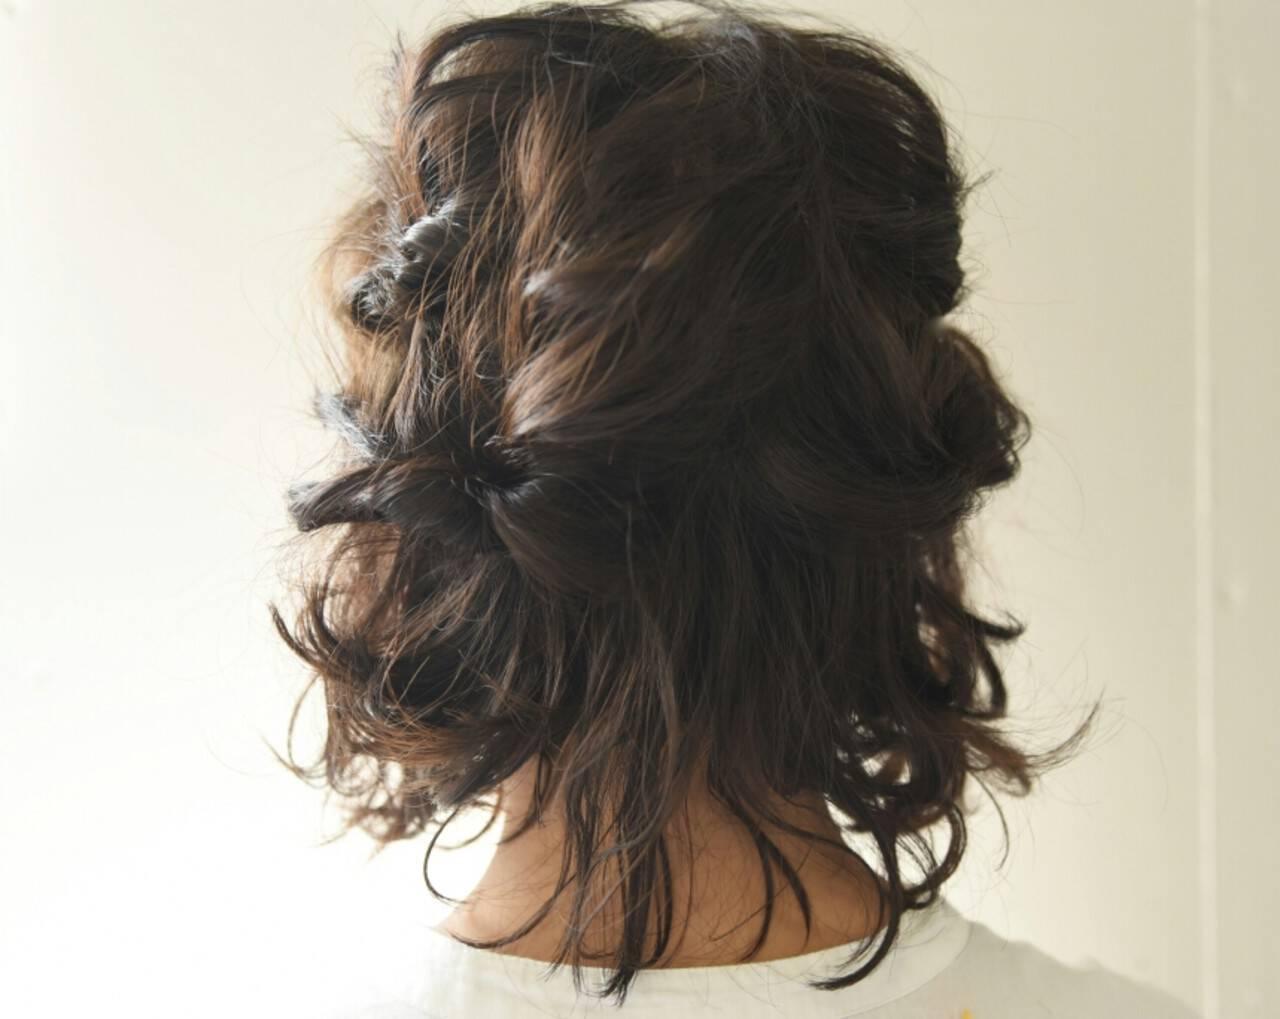 ボブ ハーフアップ 波ウェーブ ガーリーヘアスタイルや髪型の写真・画像